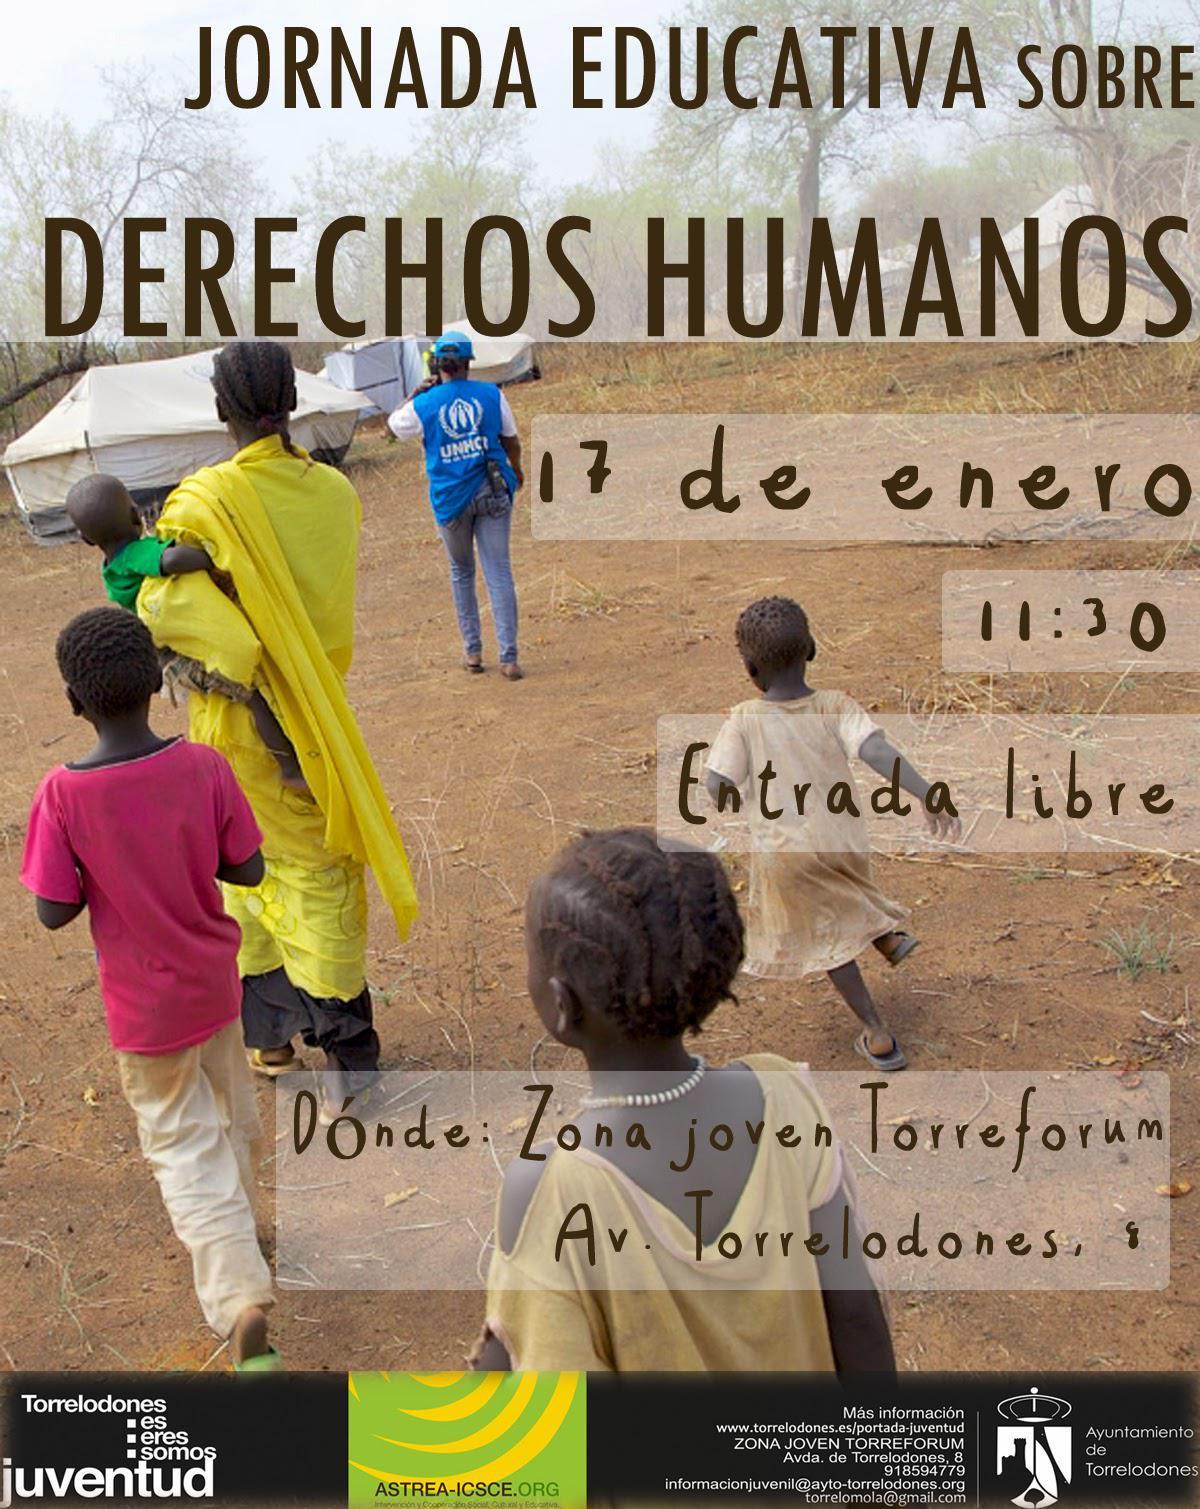 Jornada educativa sobre derechos humanos en Torreforum